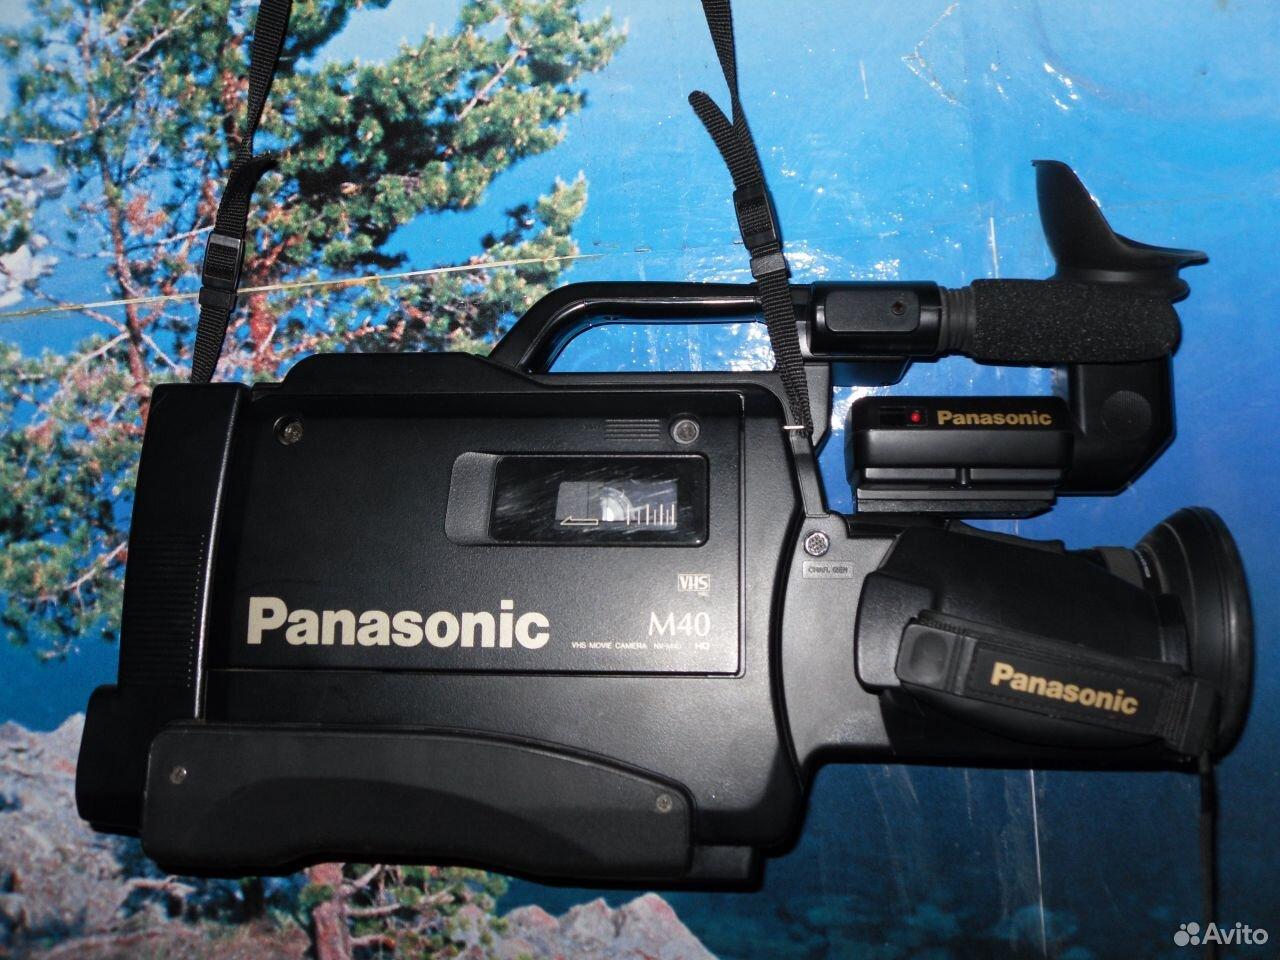 Видеокамера Panasonic NV-M40  89149707914 купить 2